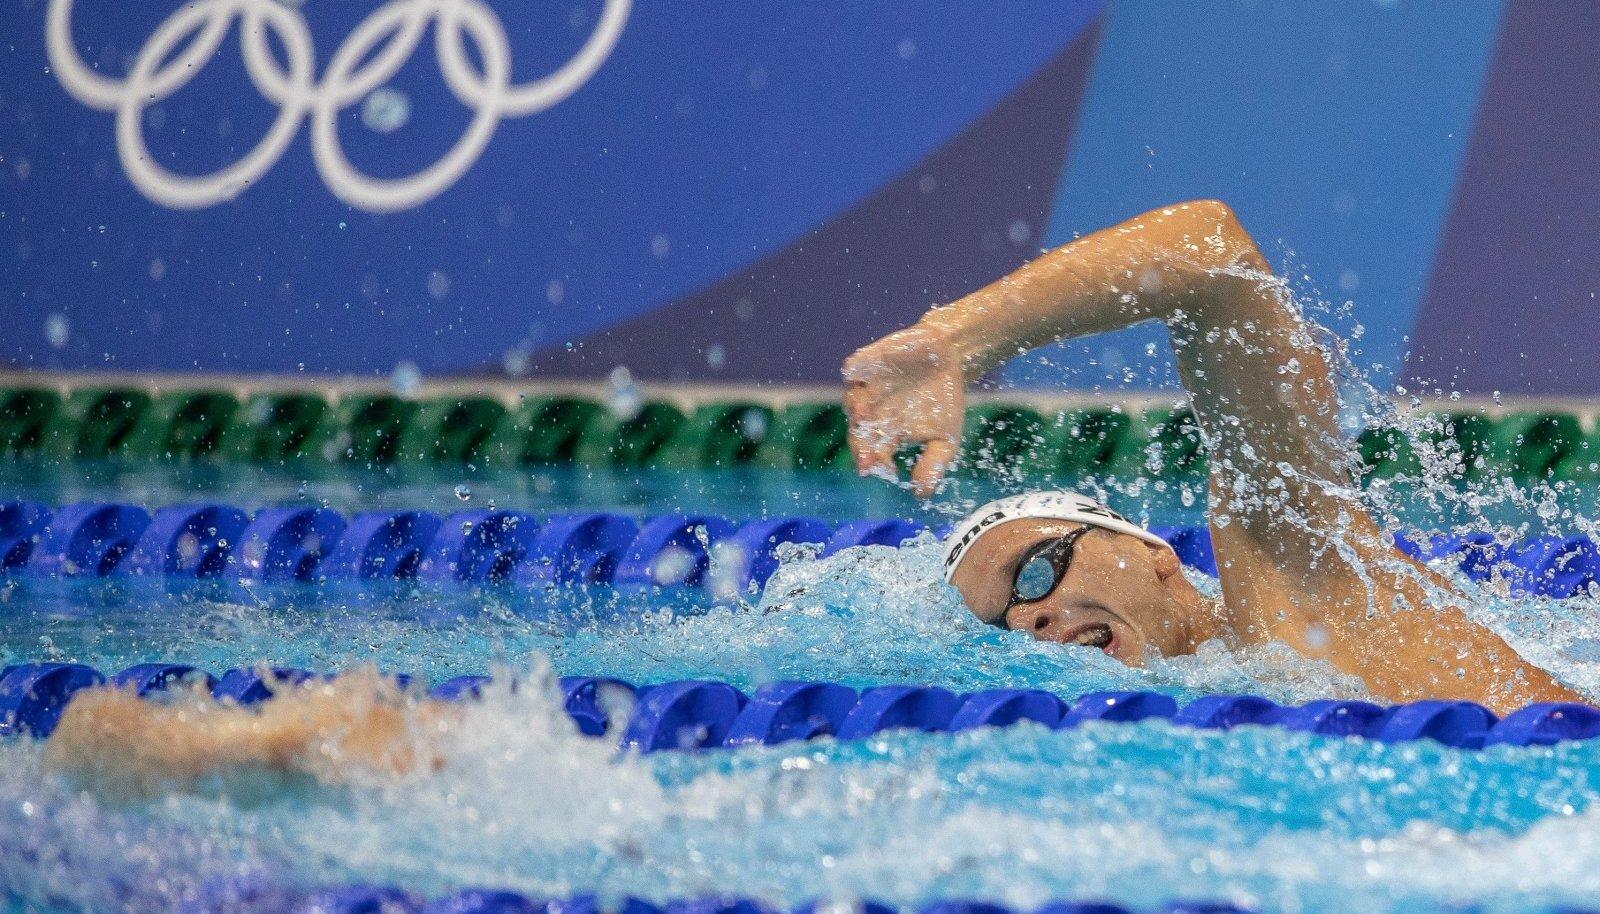 Ujujatel oli palavust kannatada ilmselt kõige kergem.